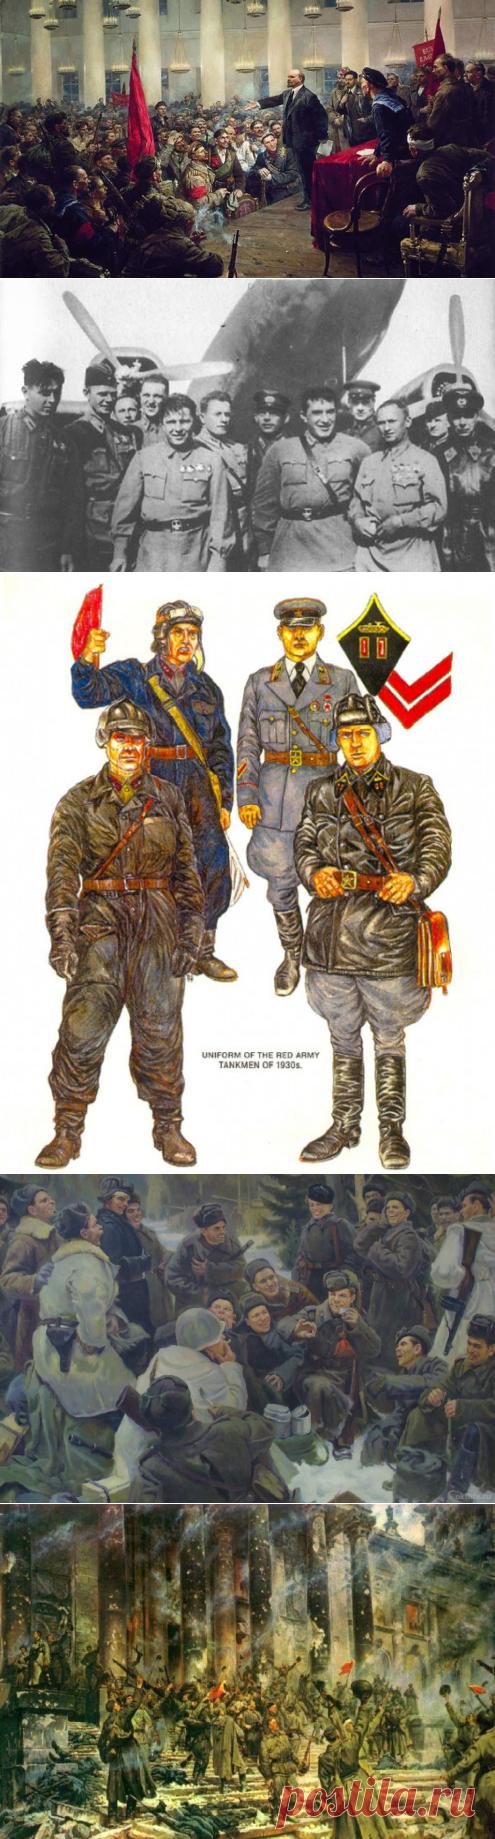 Зачем Красной Армии понадобились ромбы, шпалы, квадраты и треугольники? | Культура